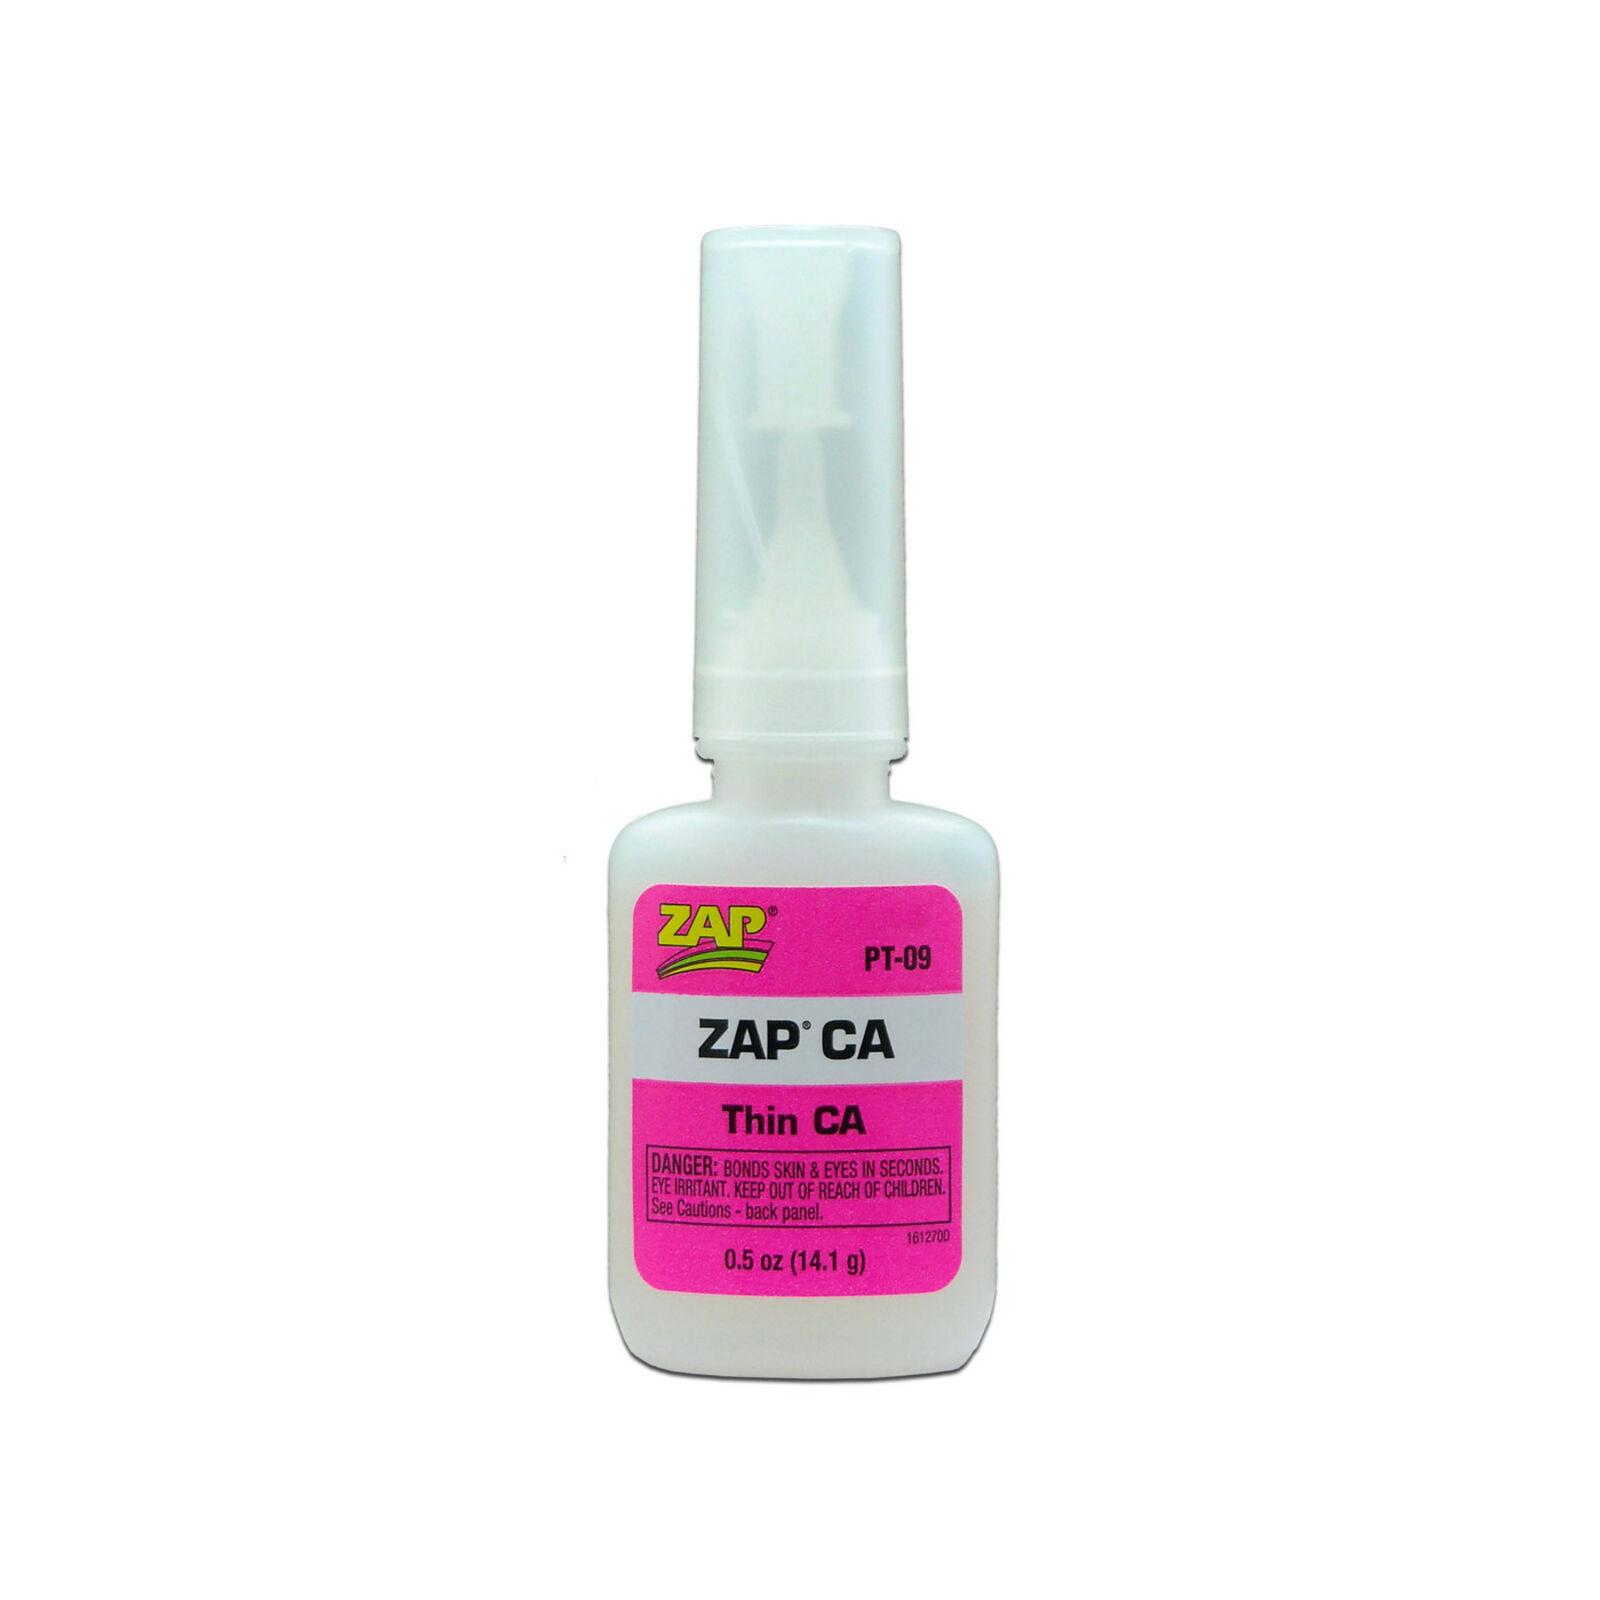 Zap Thin CA Glue, 1/2 oz